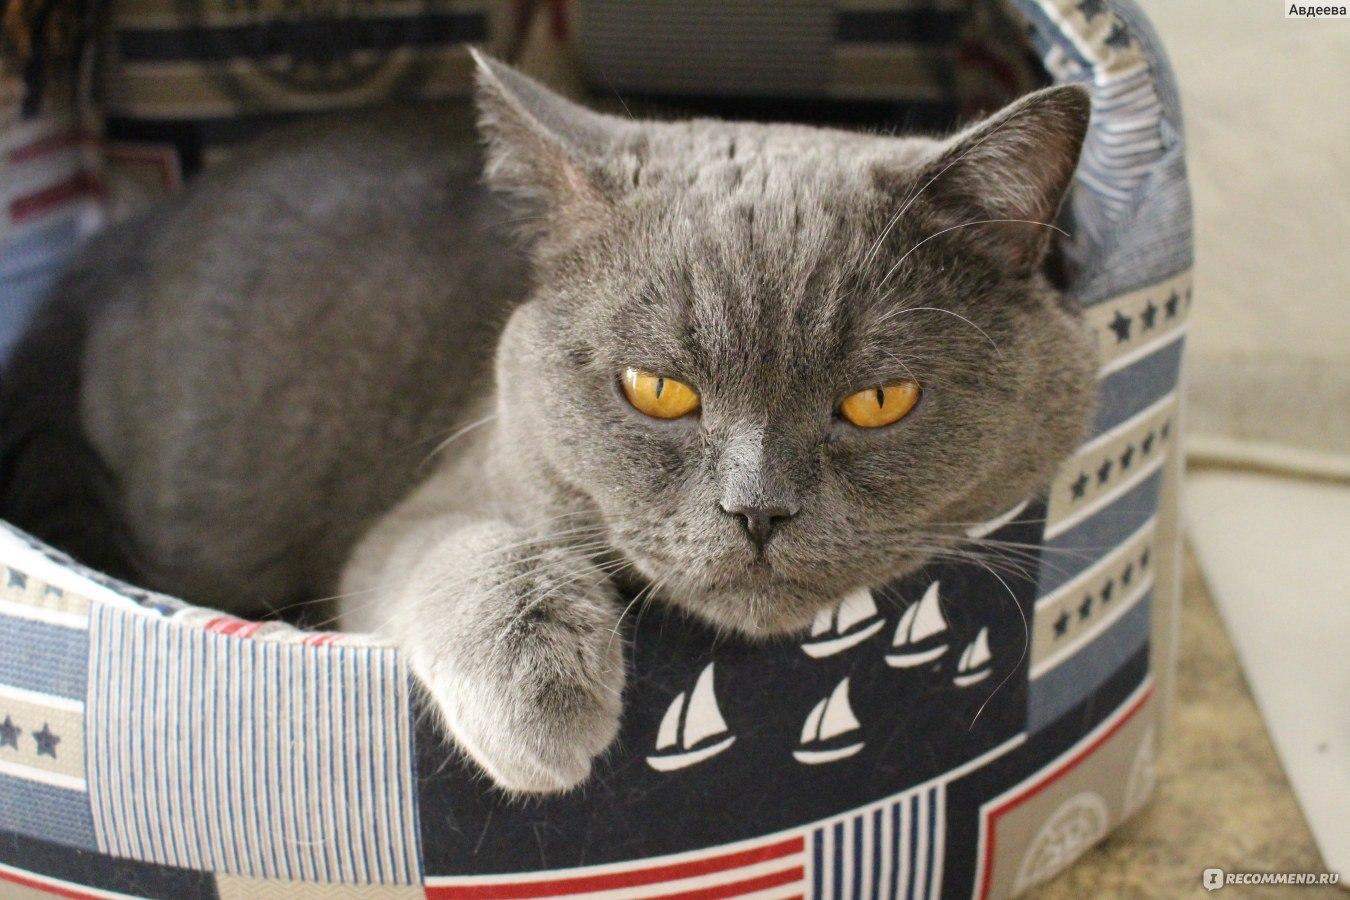 Как долго можно давать коту фуросемид